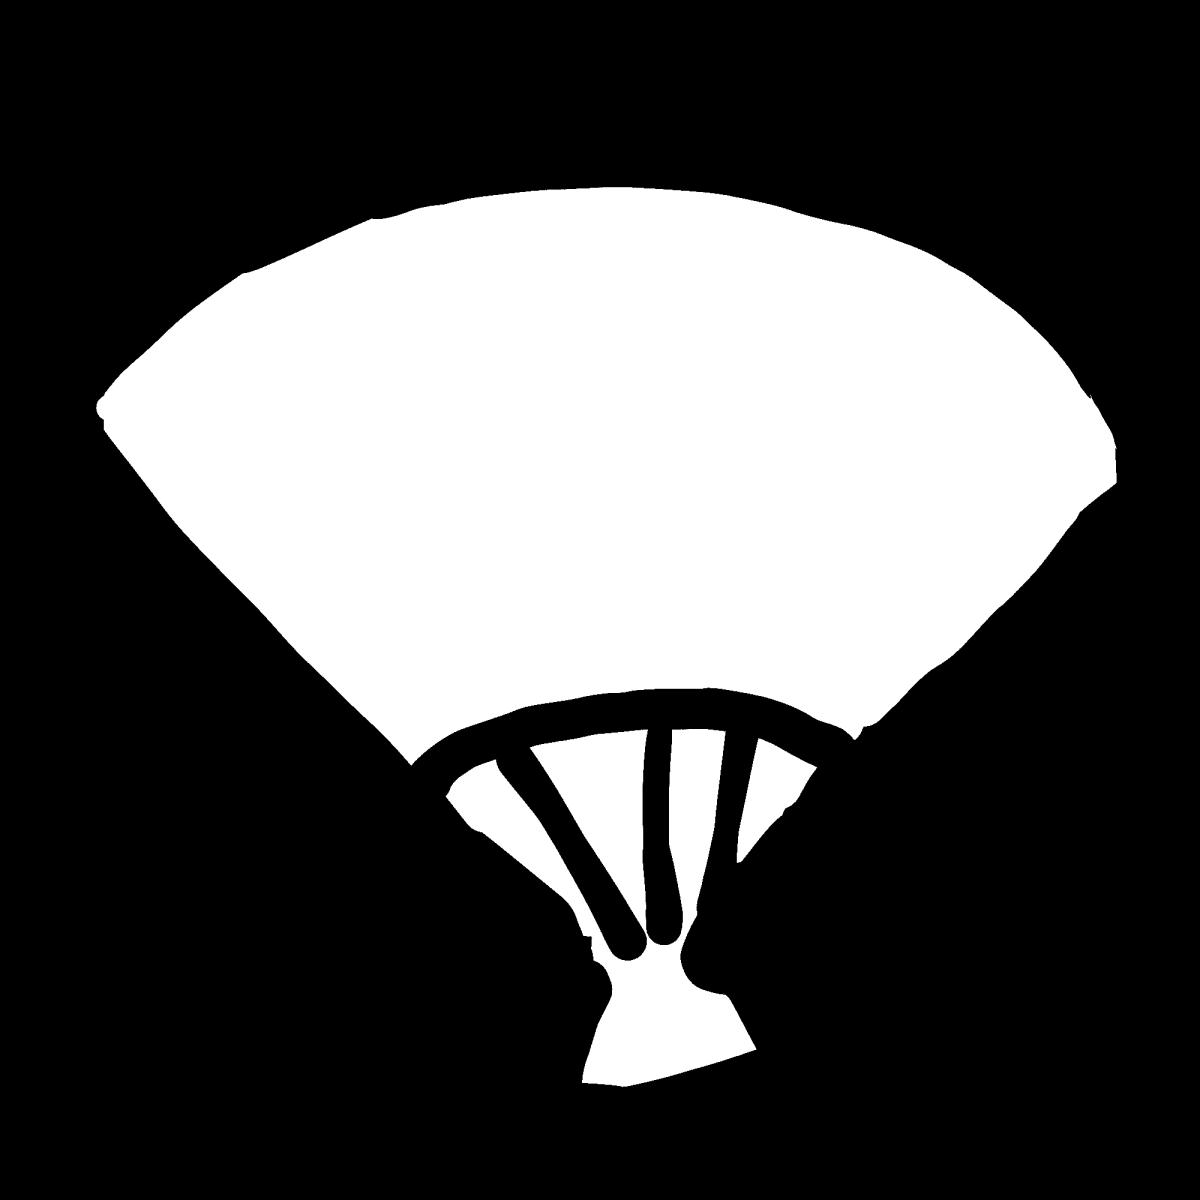 扇子(2種)シンプルのイラスト / Sensu (2kinds) Simple Illustration